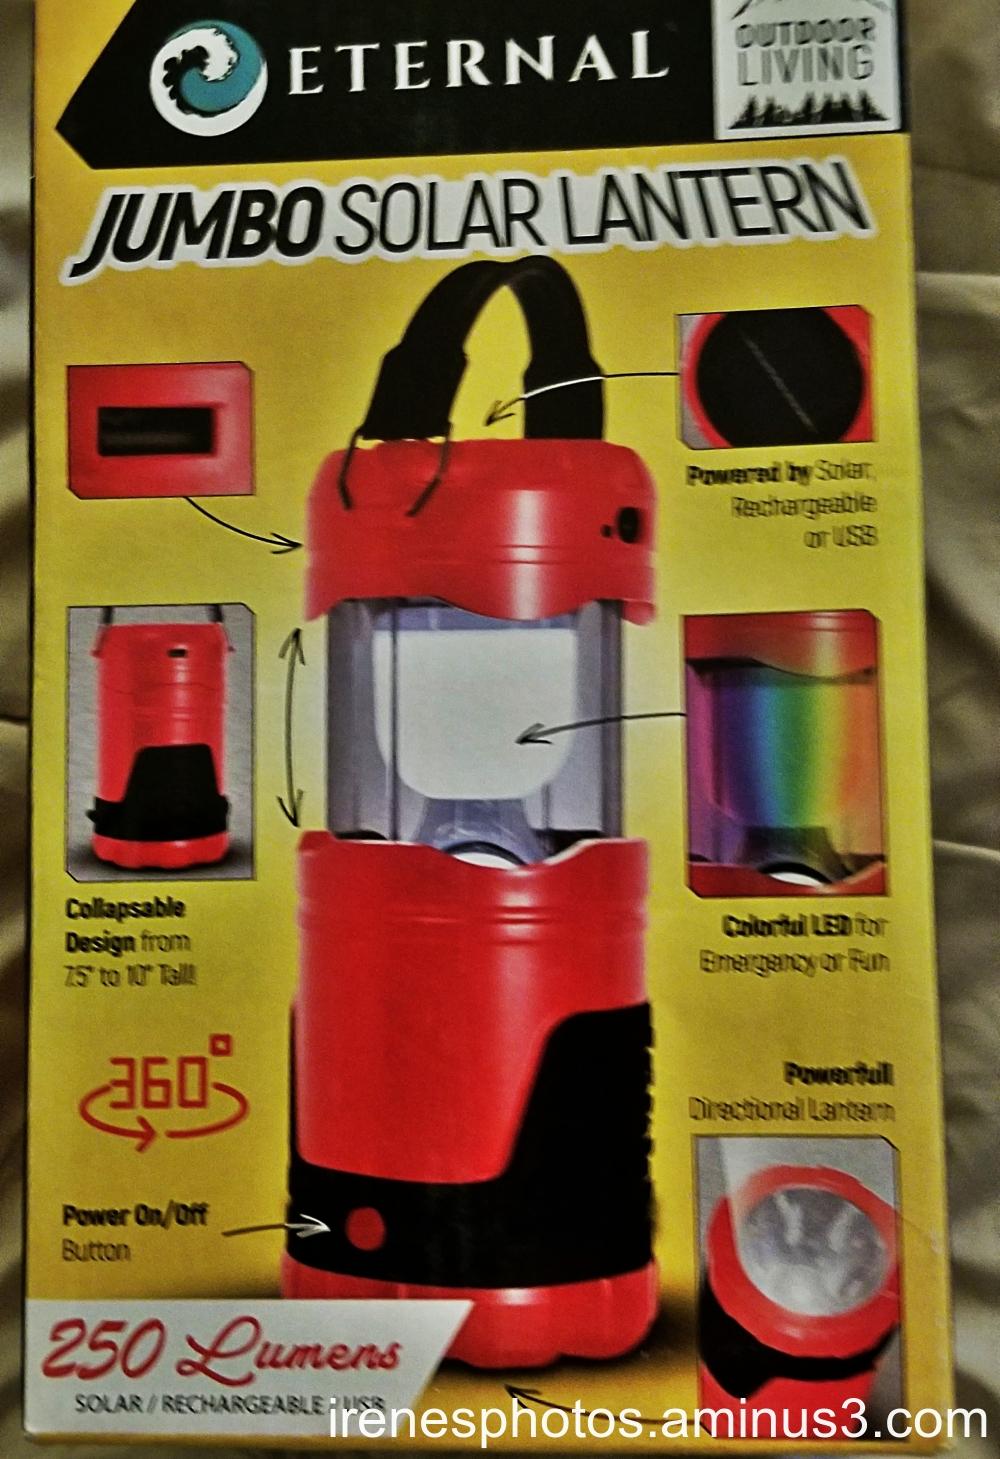 Need a Lantern?